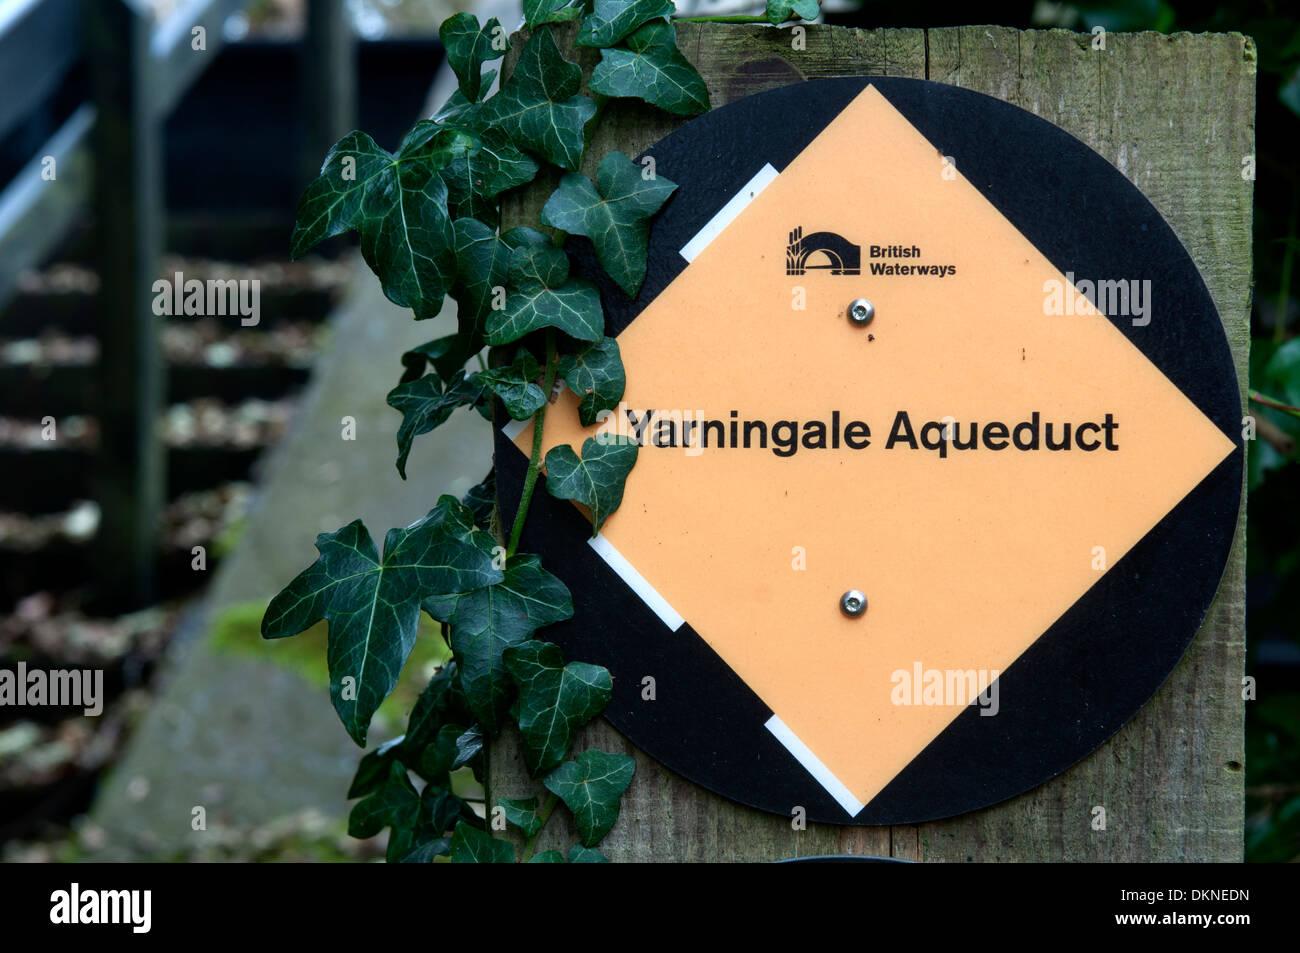 Yarningale Aqueduct sign, Stratford-upon-Avon Canal, Warwickshire, UK - Stock Image